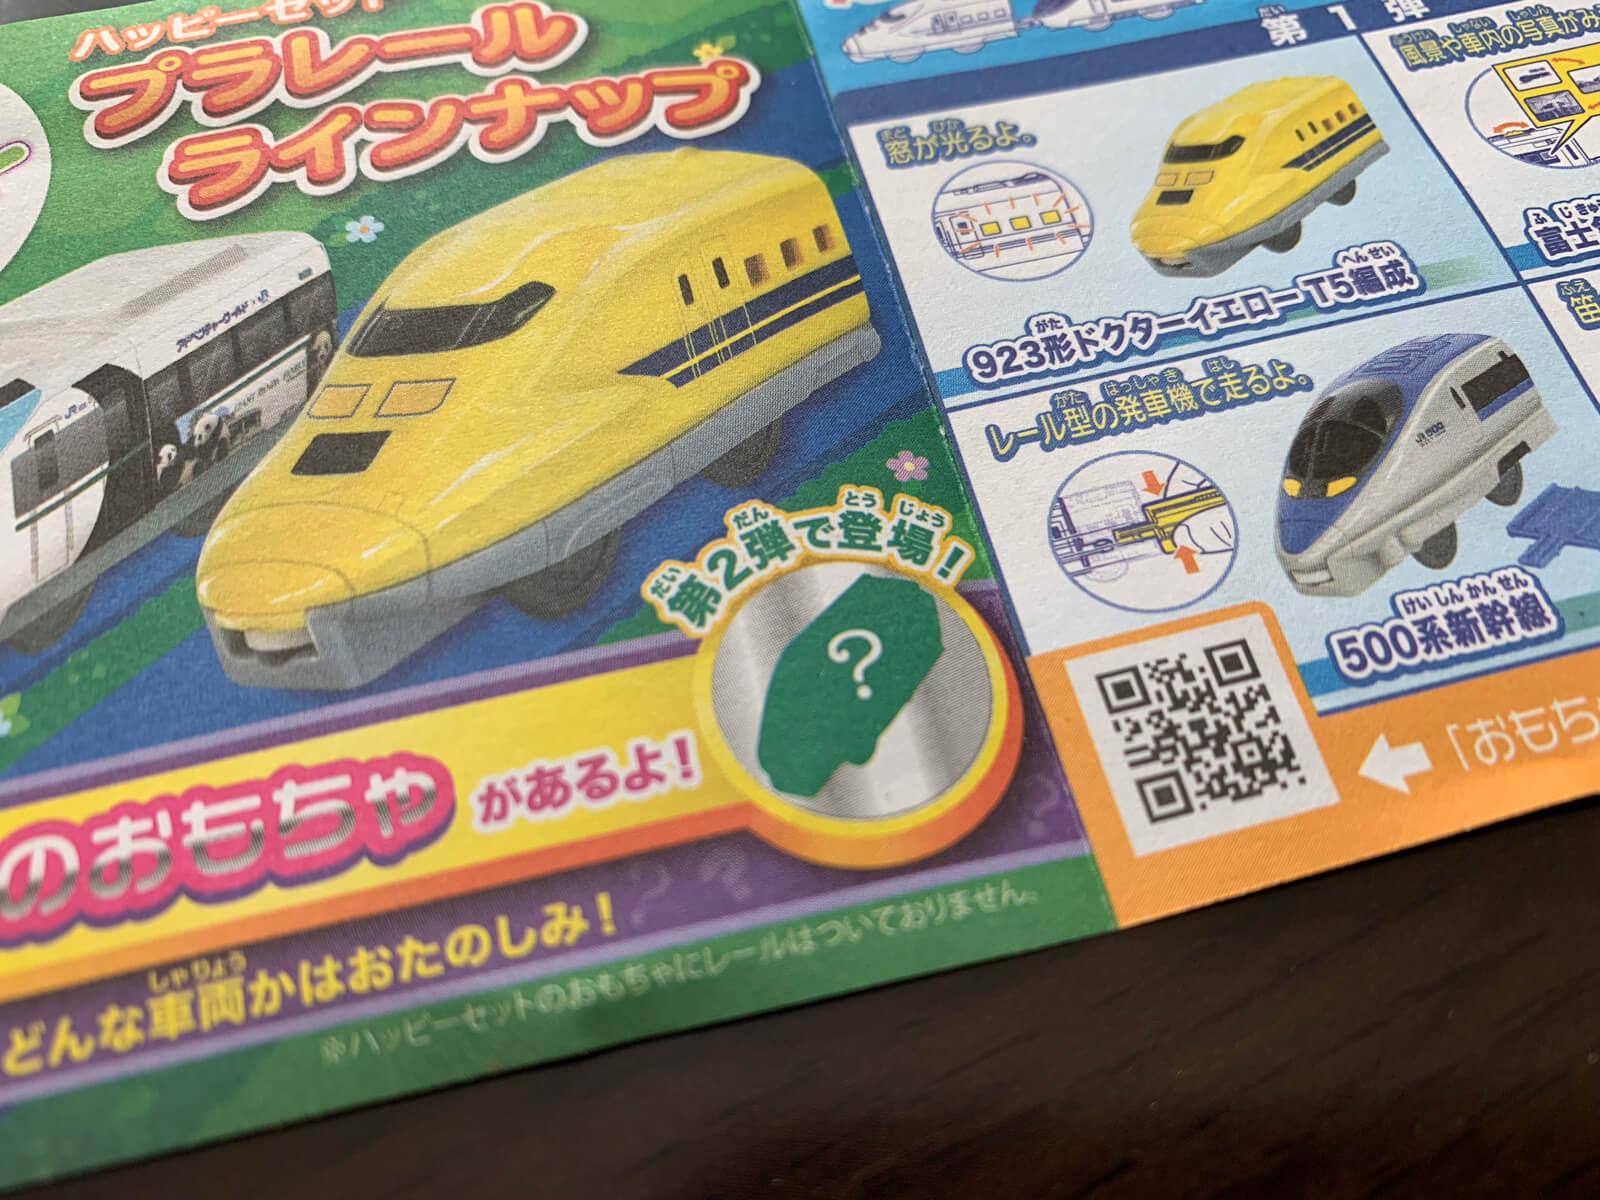 第2弾で登場の「ひみつのおもちゃ」は新幹線っぽいシルエット